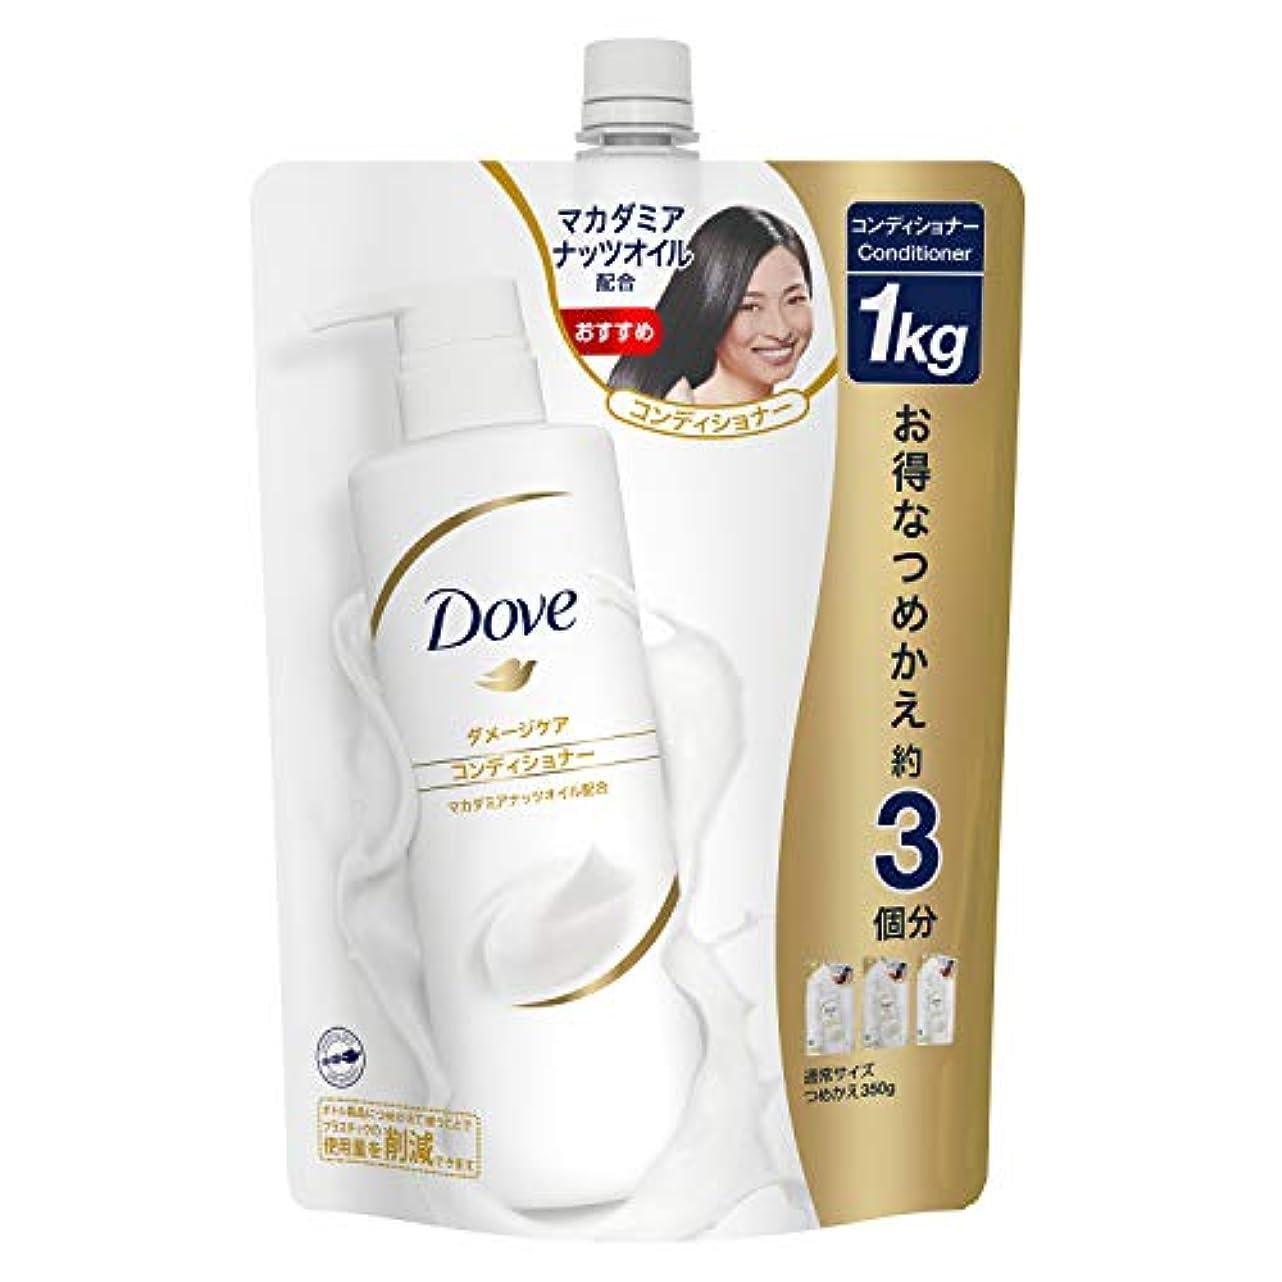 バランスのとれた氷傷つきやすい【大容量】 Dove ダヴ ダメージケア コンディショナー つめかえ用 1kg